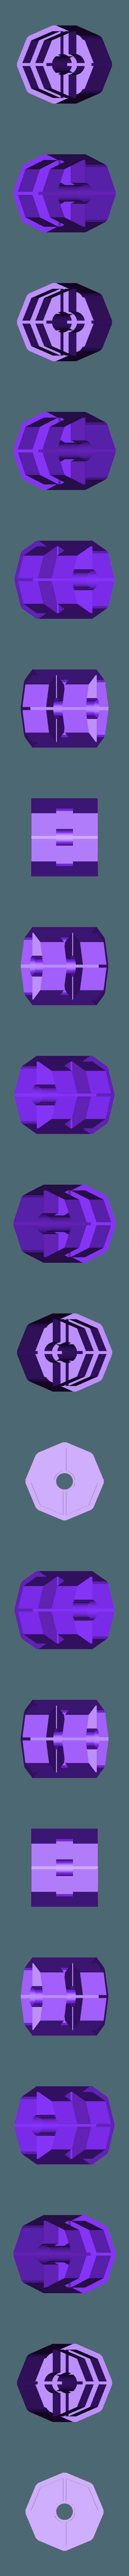 """devidoir_part_roue01.STL Télécharger fichier STL gratuit Dévidoir à scotch """"Monsteranimal T-Rex"""" • Modèle imprimable en 3D, Tibe-Design"""